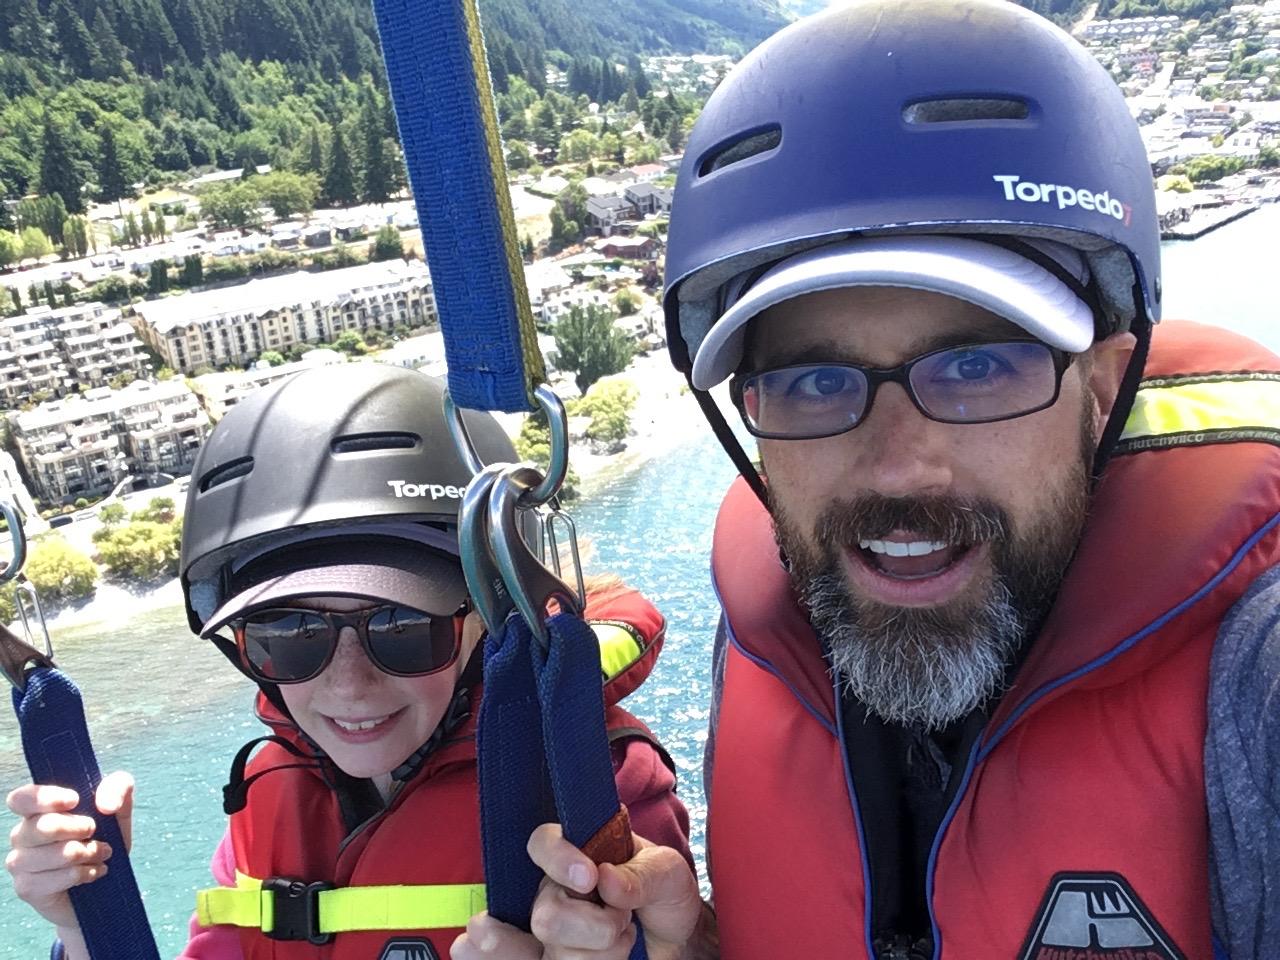 Jaida and Christian parasailing